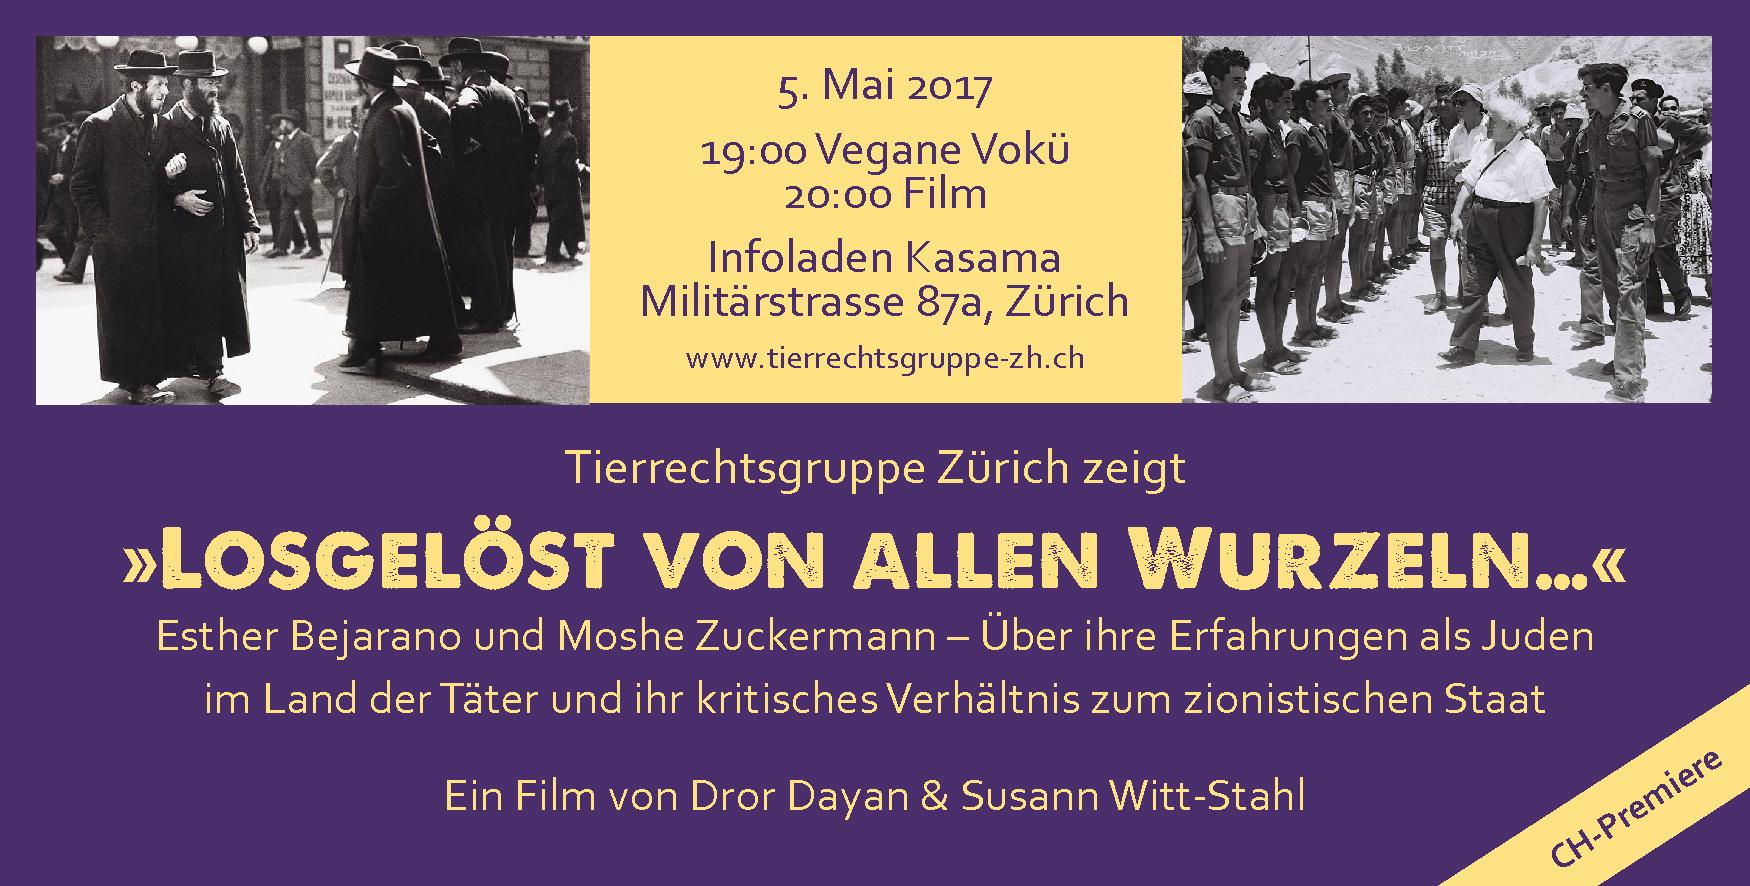 Losgelöst von allen Wurzeln Film Melodie und Rhythmus Tierrechtsgruppe Zürich